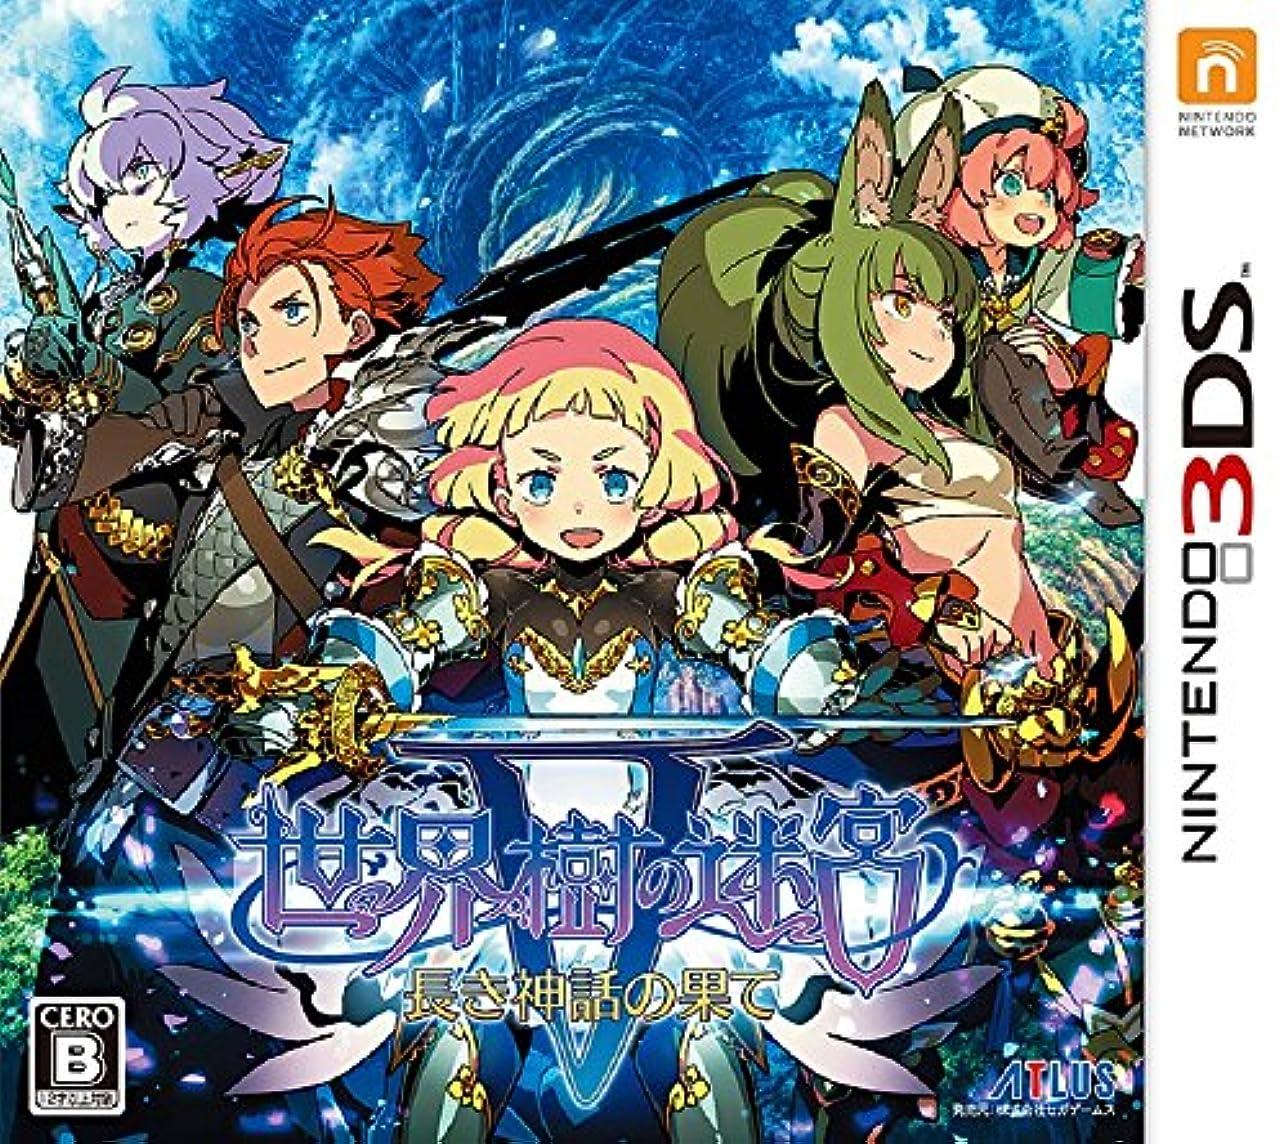 悪夢艶パン屋世界樹の迷宮V 長き神話の果て - 3DS